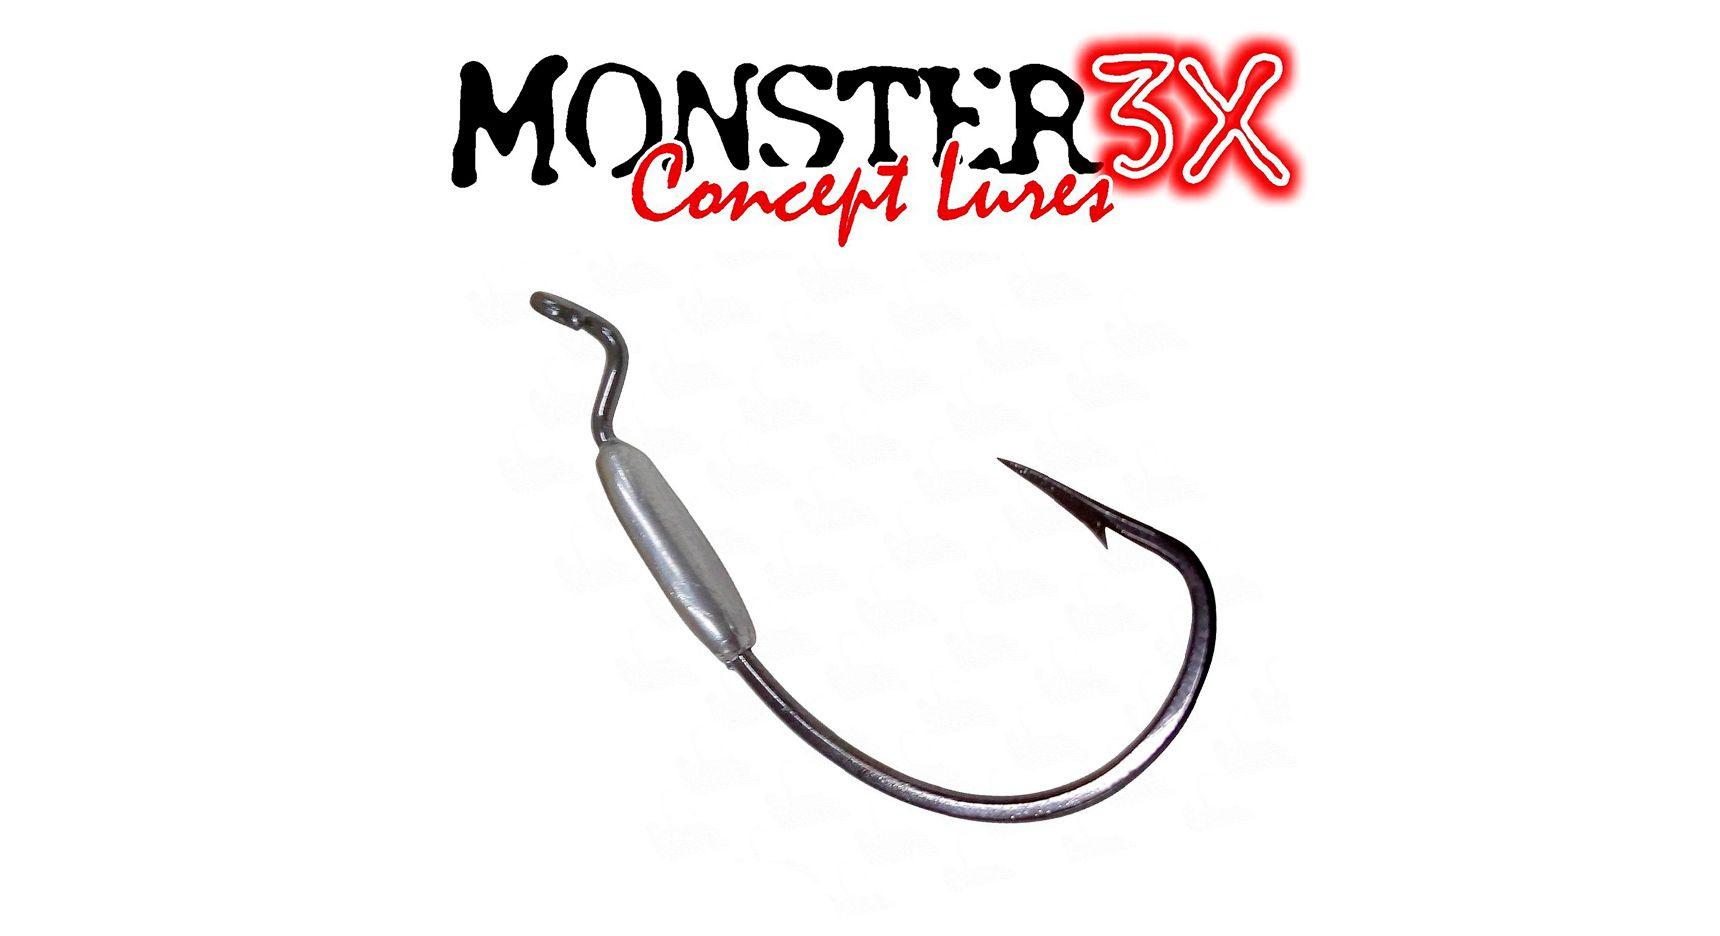 Anzol Off Set Lastreado EWG 4/0 (2,5g) - Monster 3X  - Life Pesca - Sua loja de Pesca, Camping e Lazer